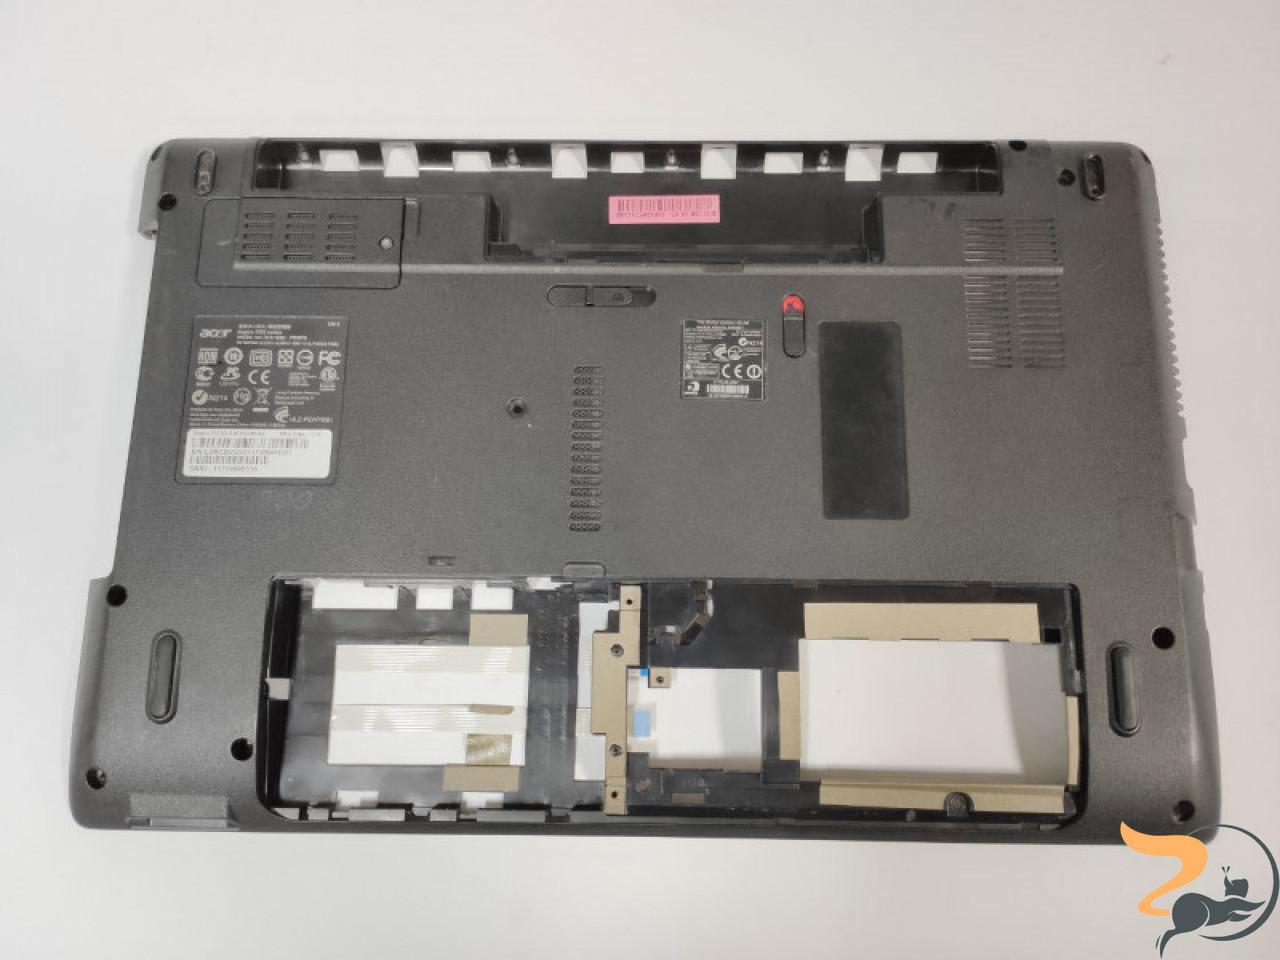 """Нижня частина корпуса для ноутбука Acer Aspire 5552G, 15.6"""", AP0FO000700, Б/В. Зламане одне кріплення (фото), продається з додатковими платами (фото),"""